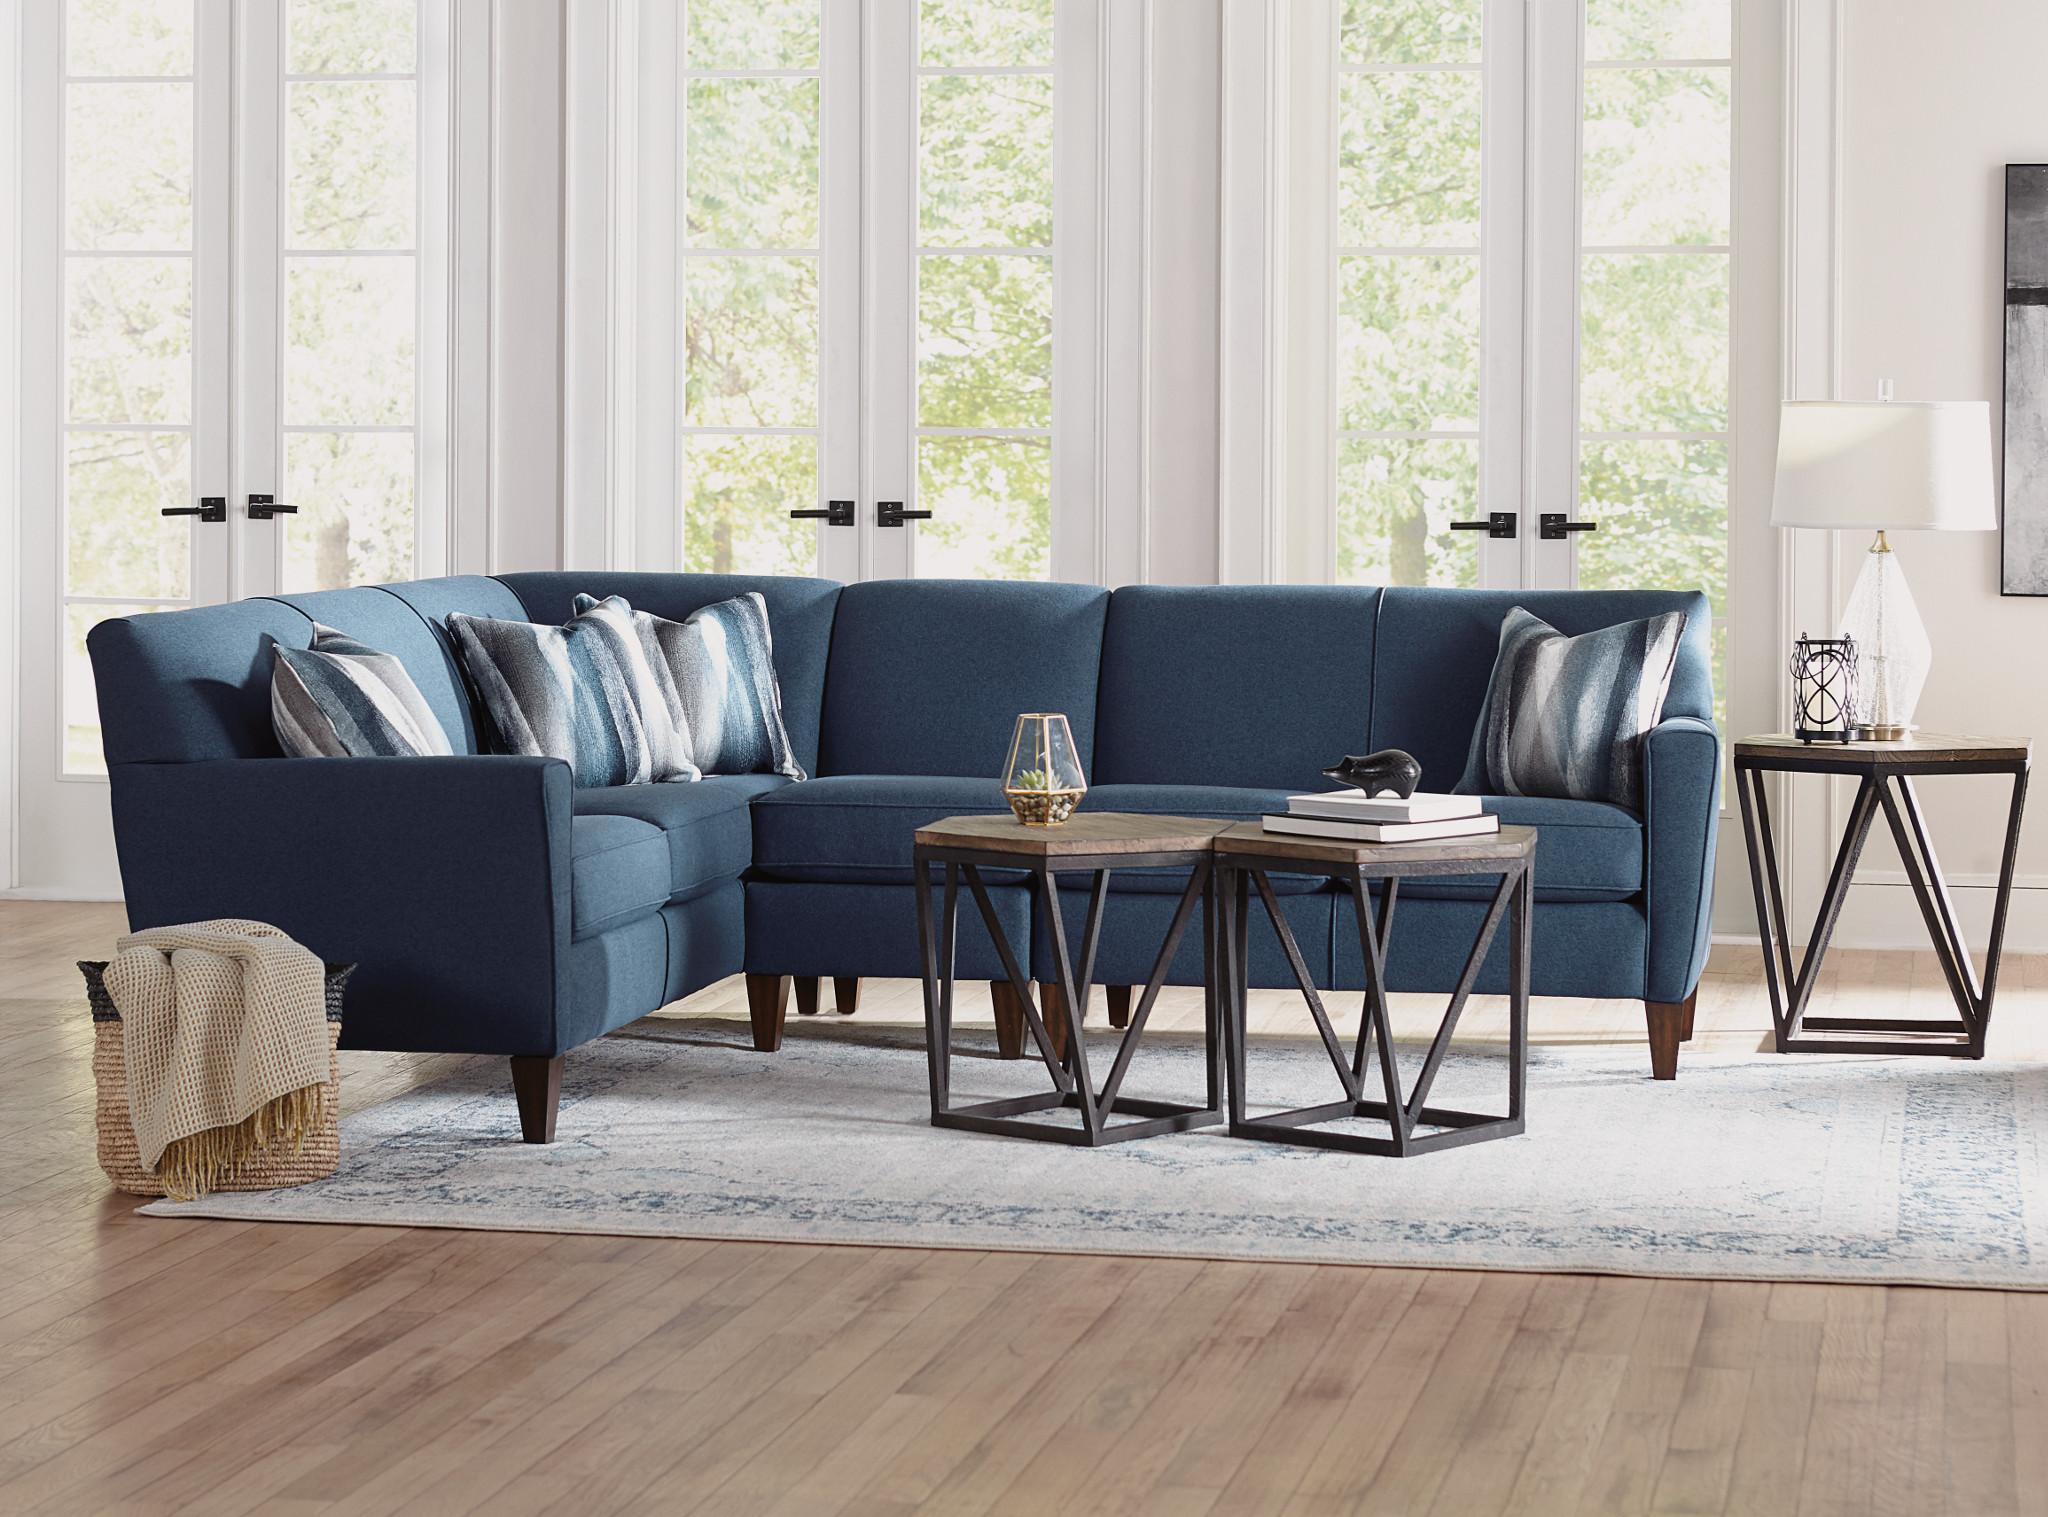 Stratham Furniture U0026 Mattress Gallery